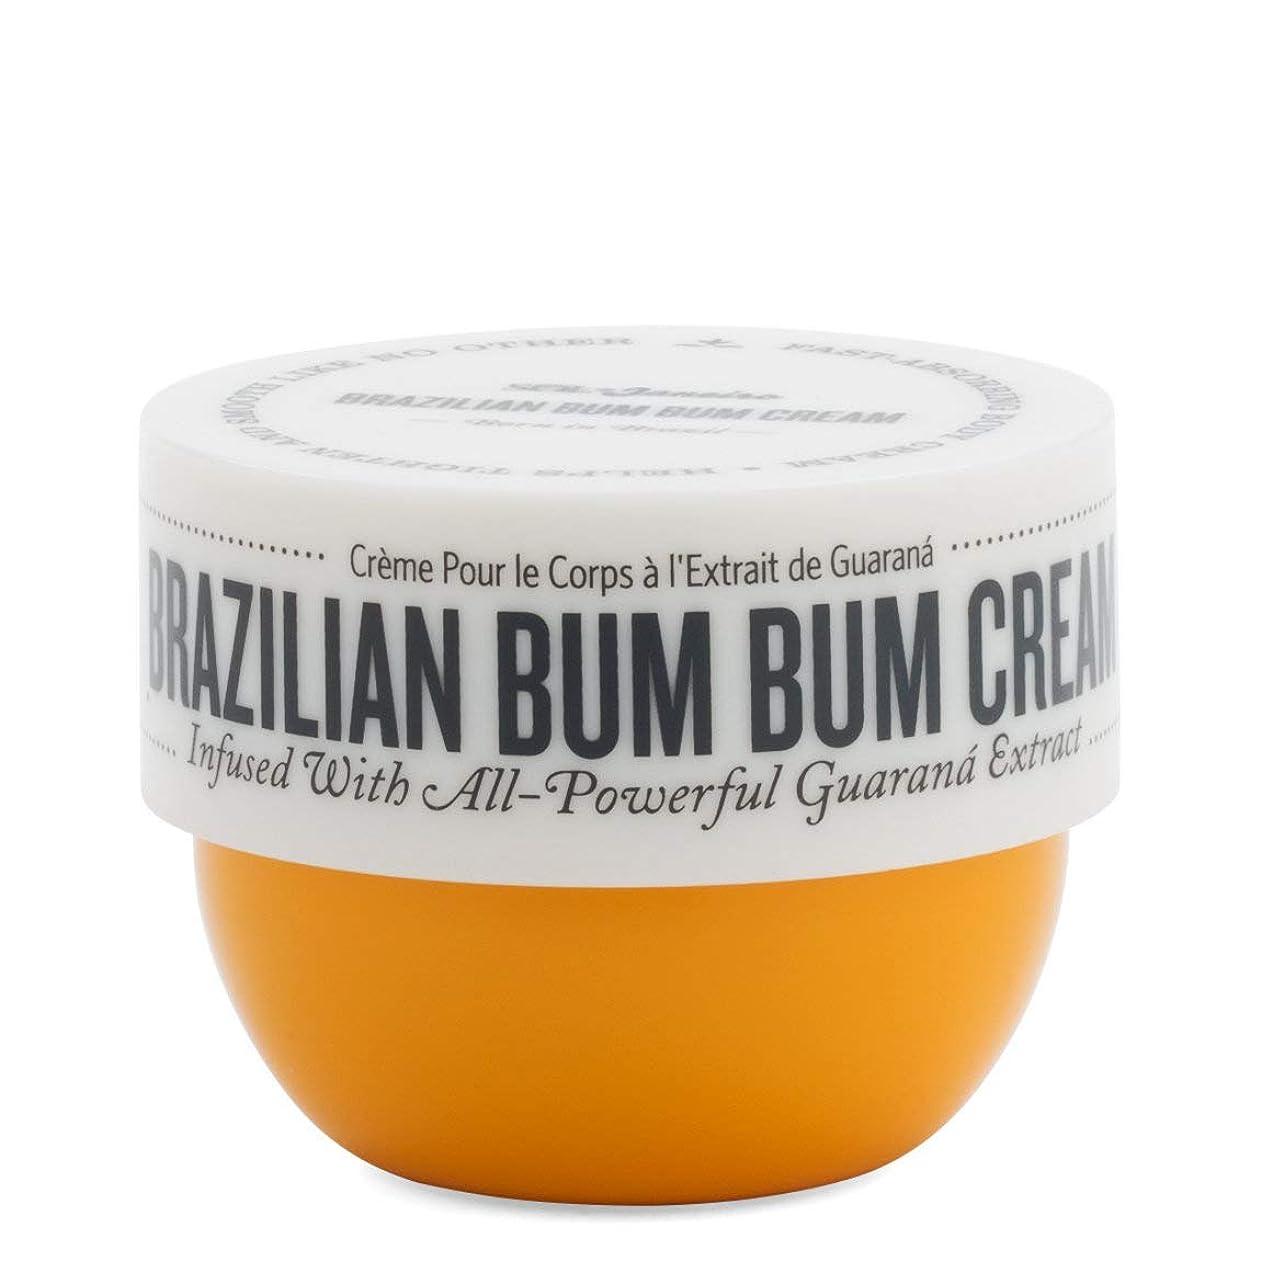 時計回り医学オーストラリア《 ブラジリアン ブンブンクリーム 》Brazilian BUM BUM Cream (240ml)